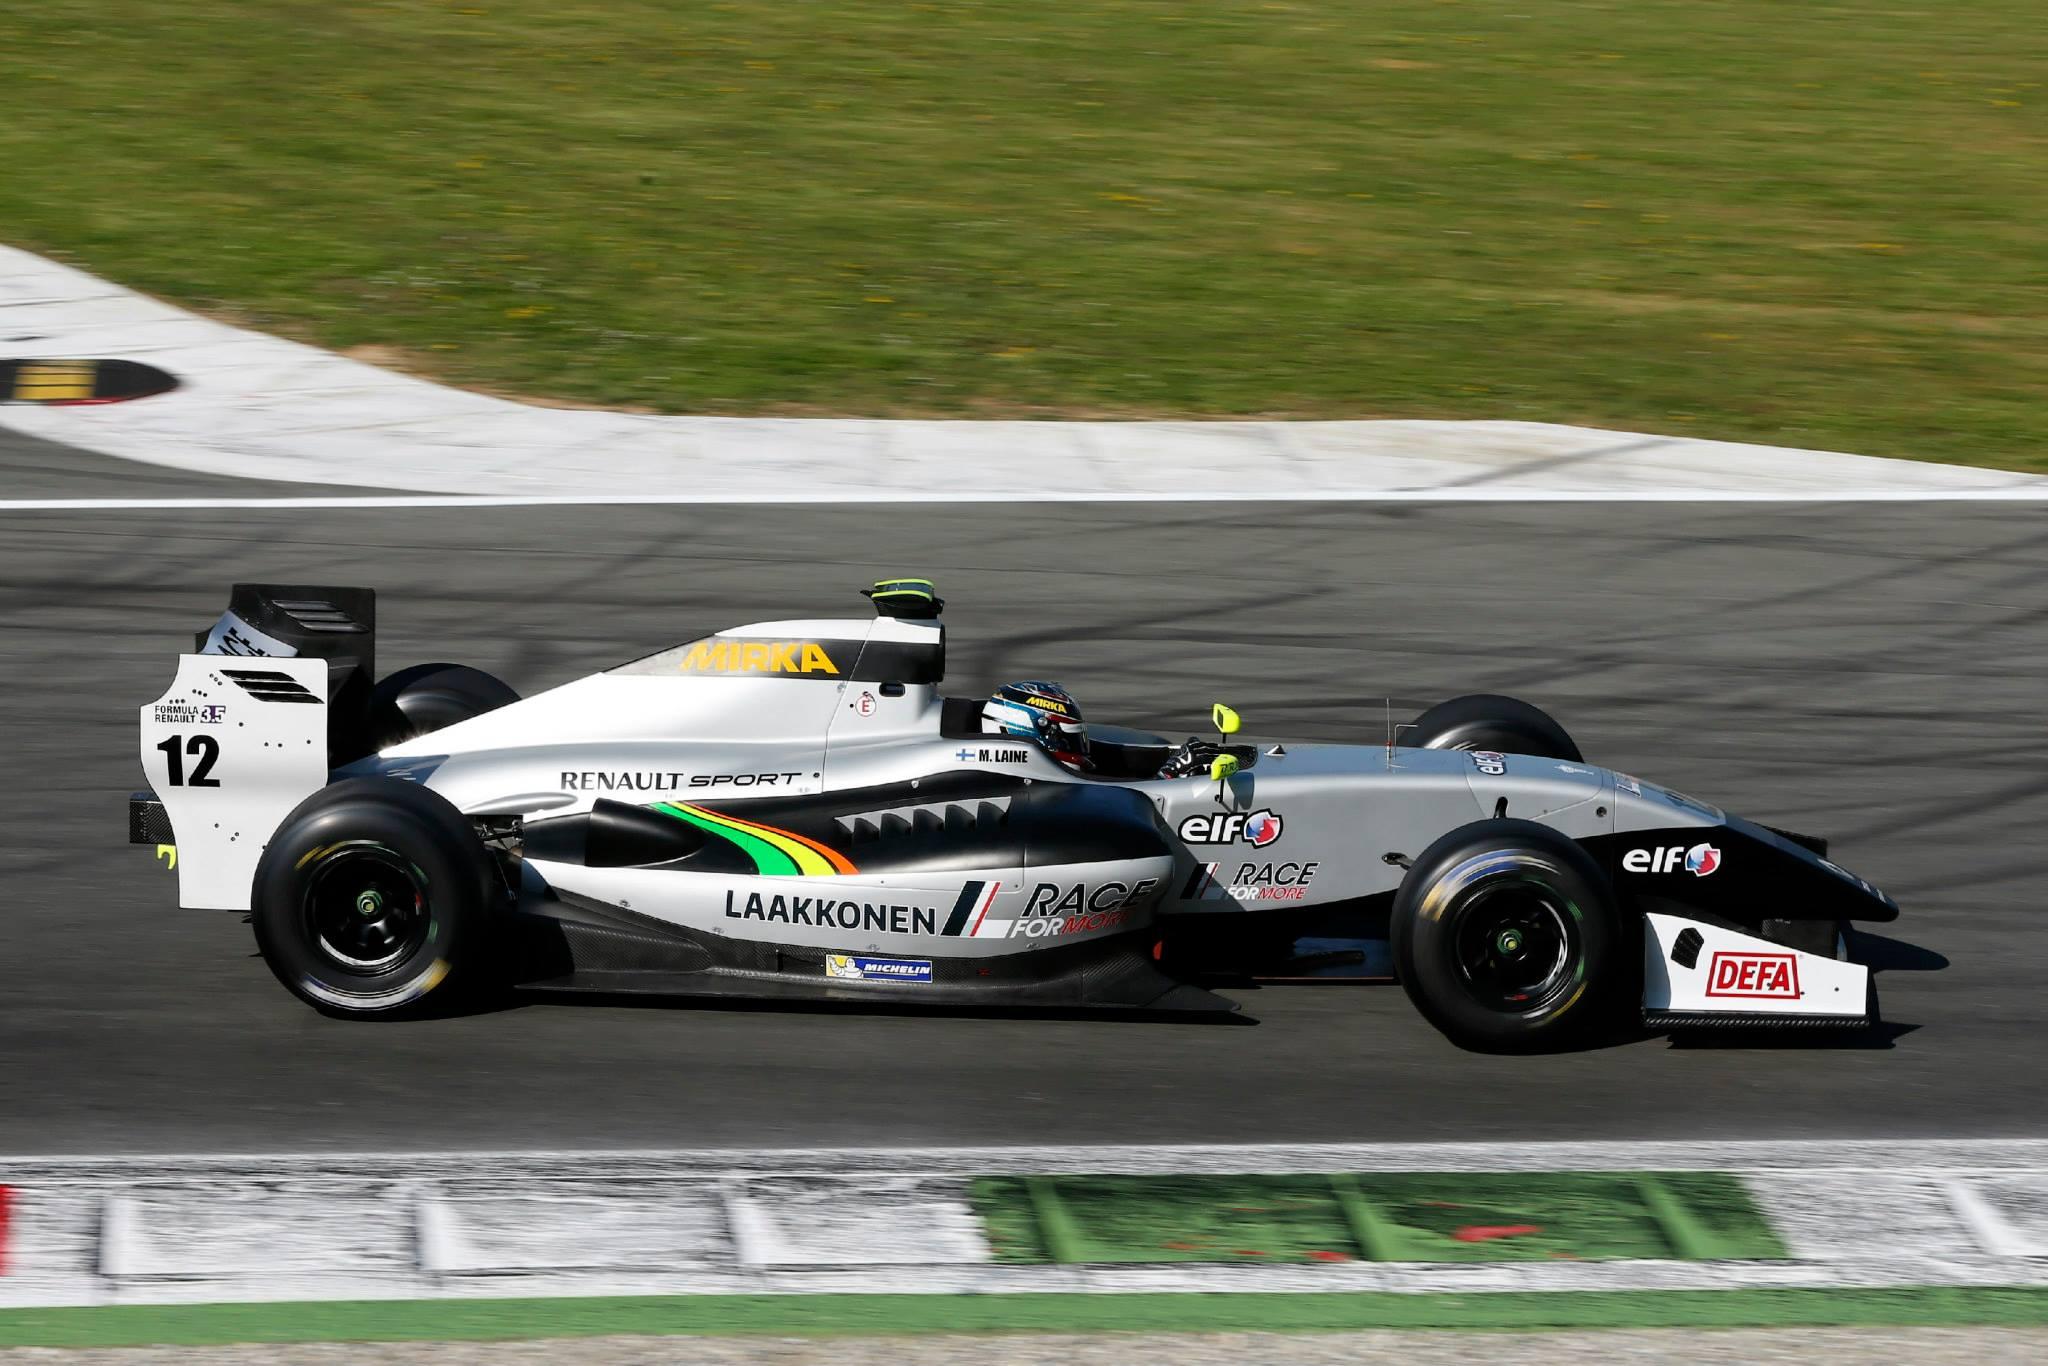 2014 Formula Renault 3.5 Series - Monza - Matias Laine